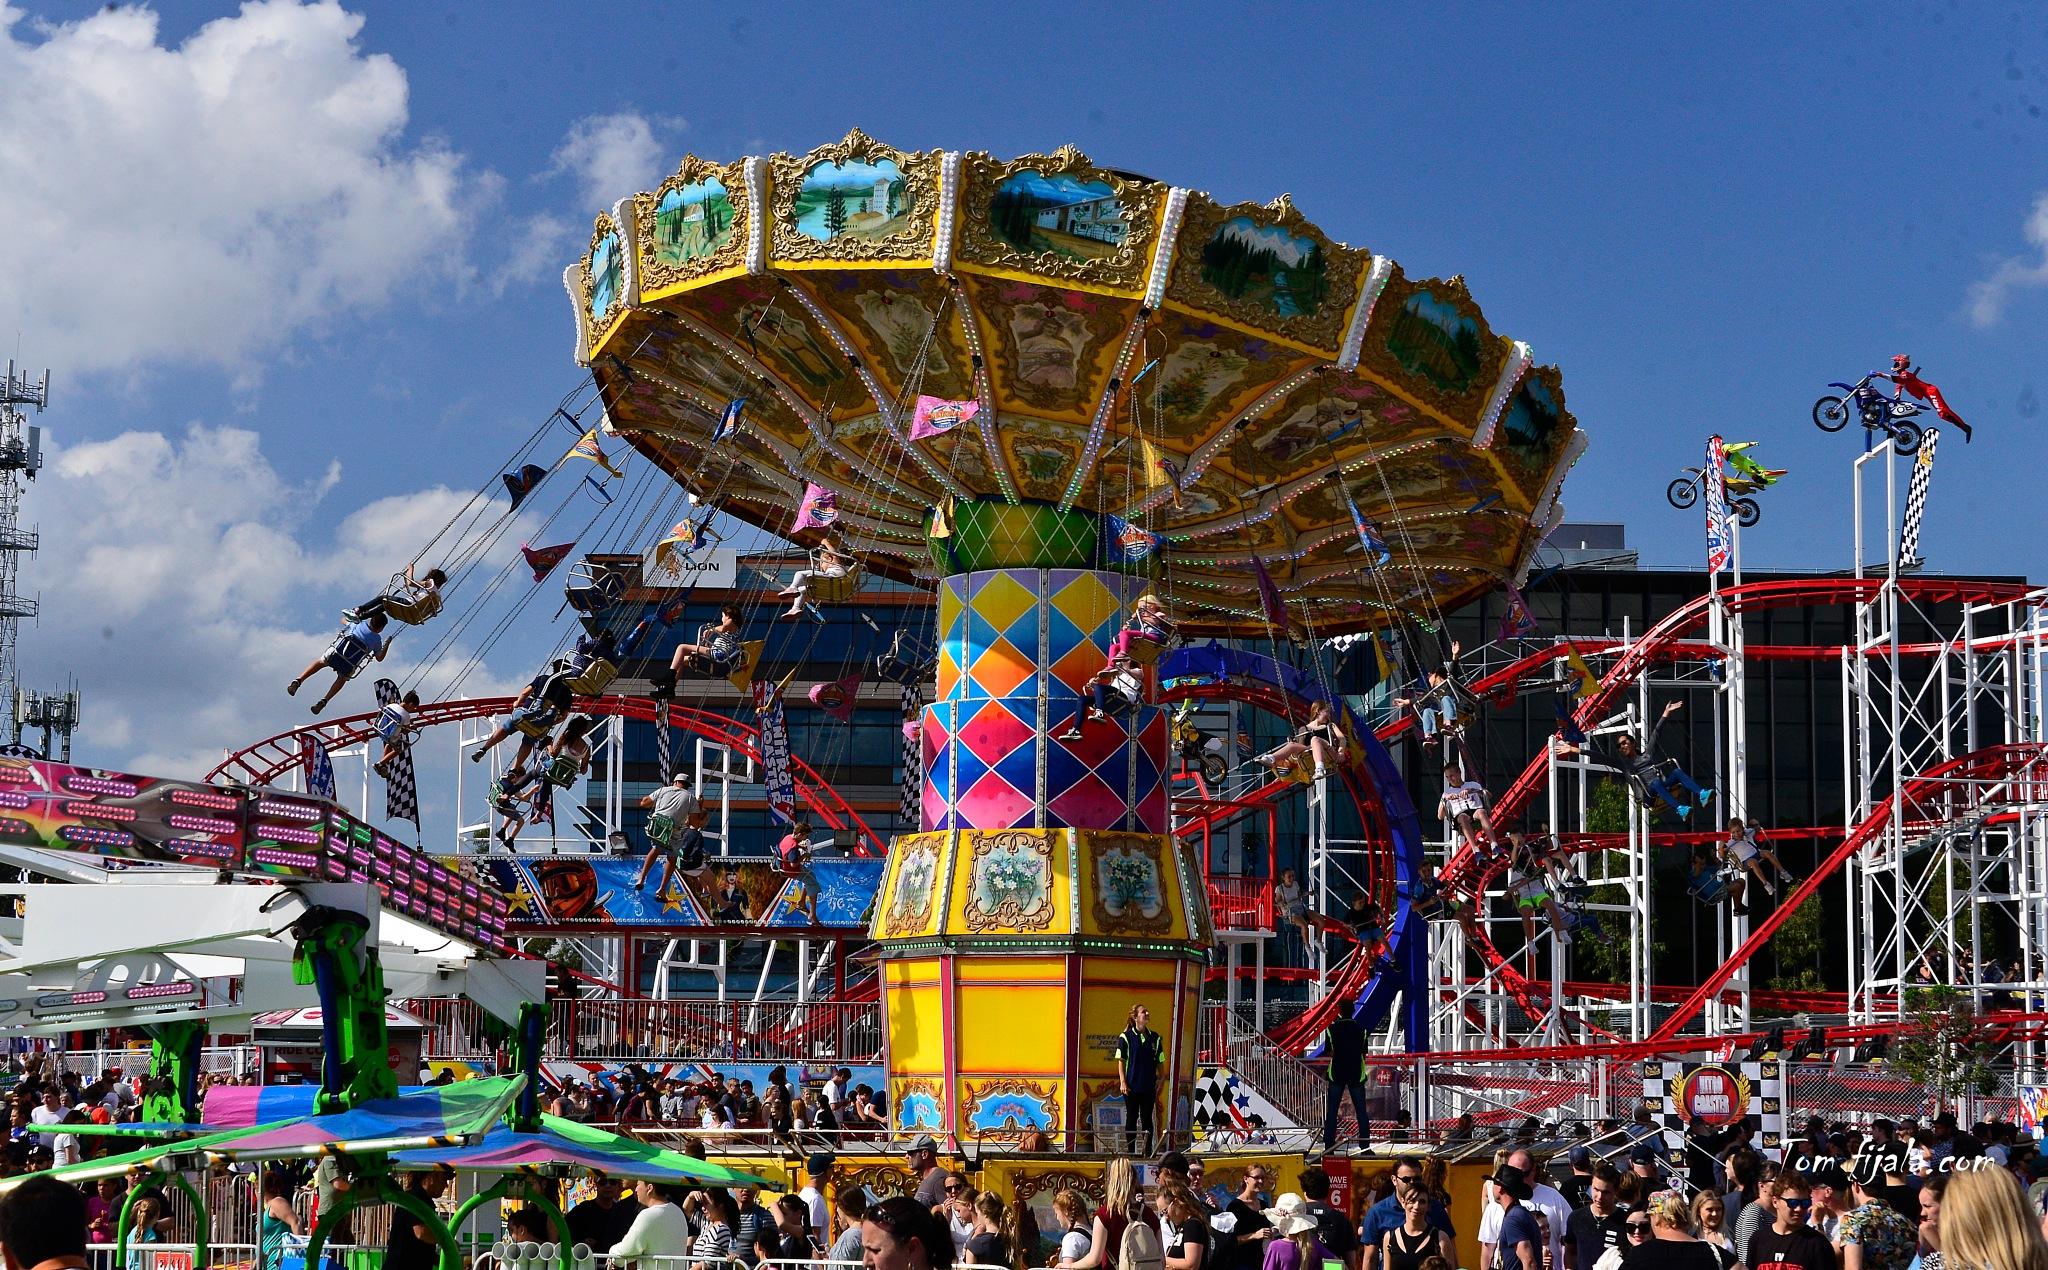 maerry-go-round by Tom Fijala